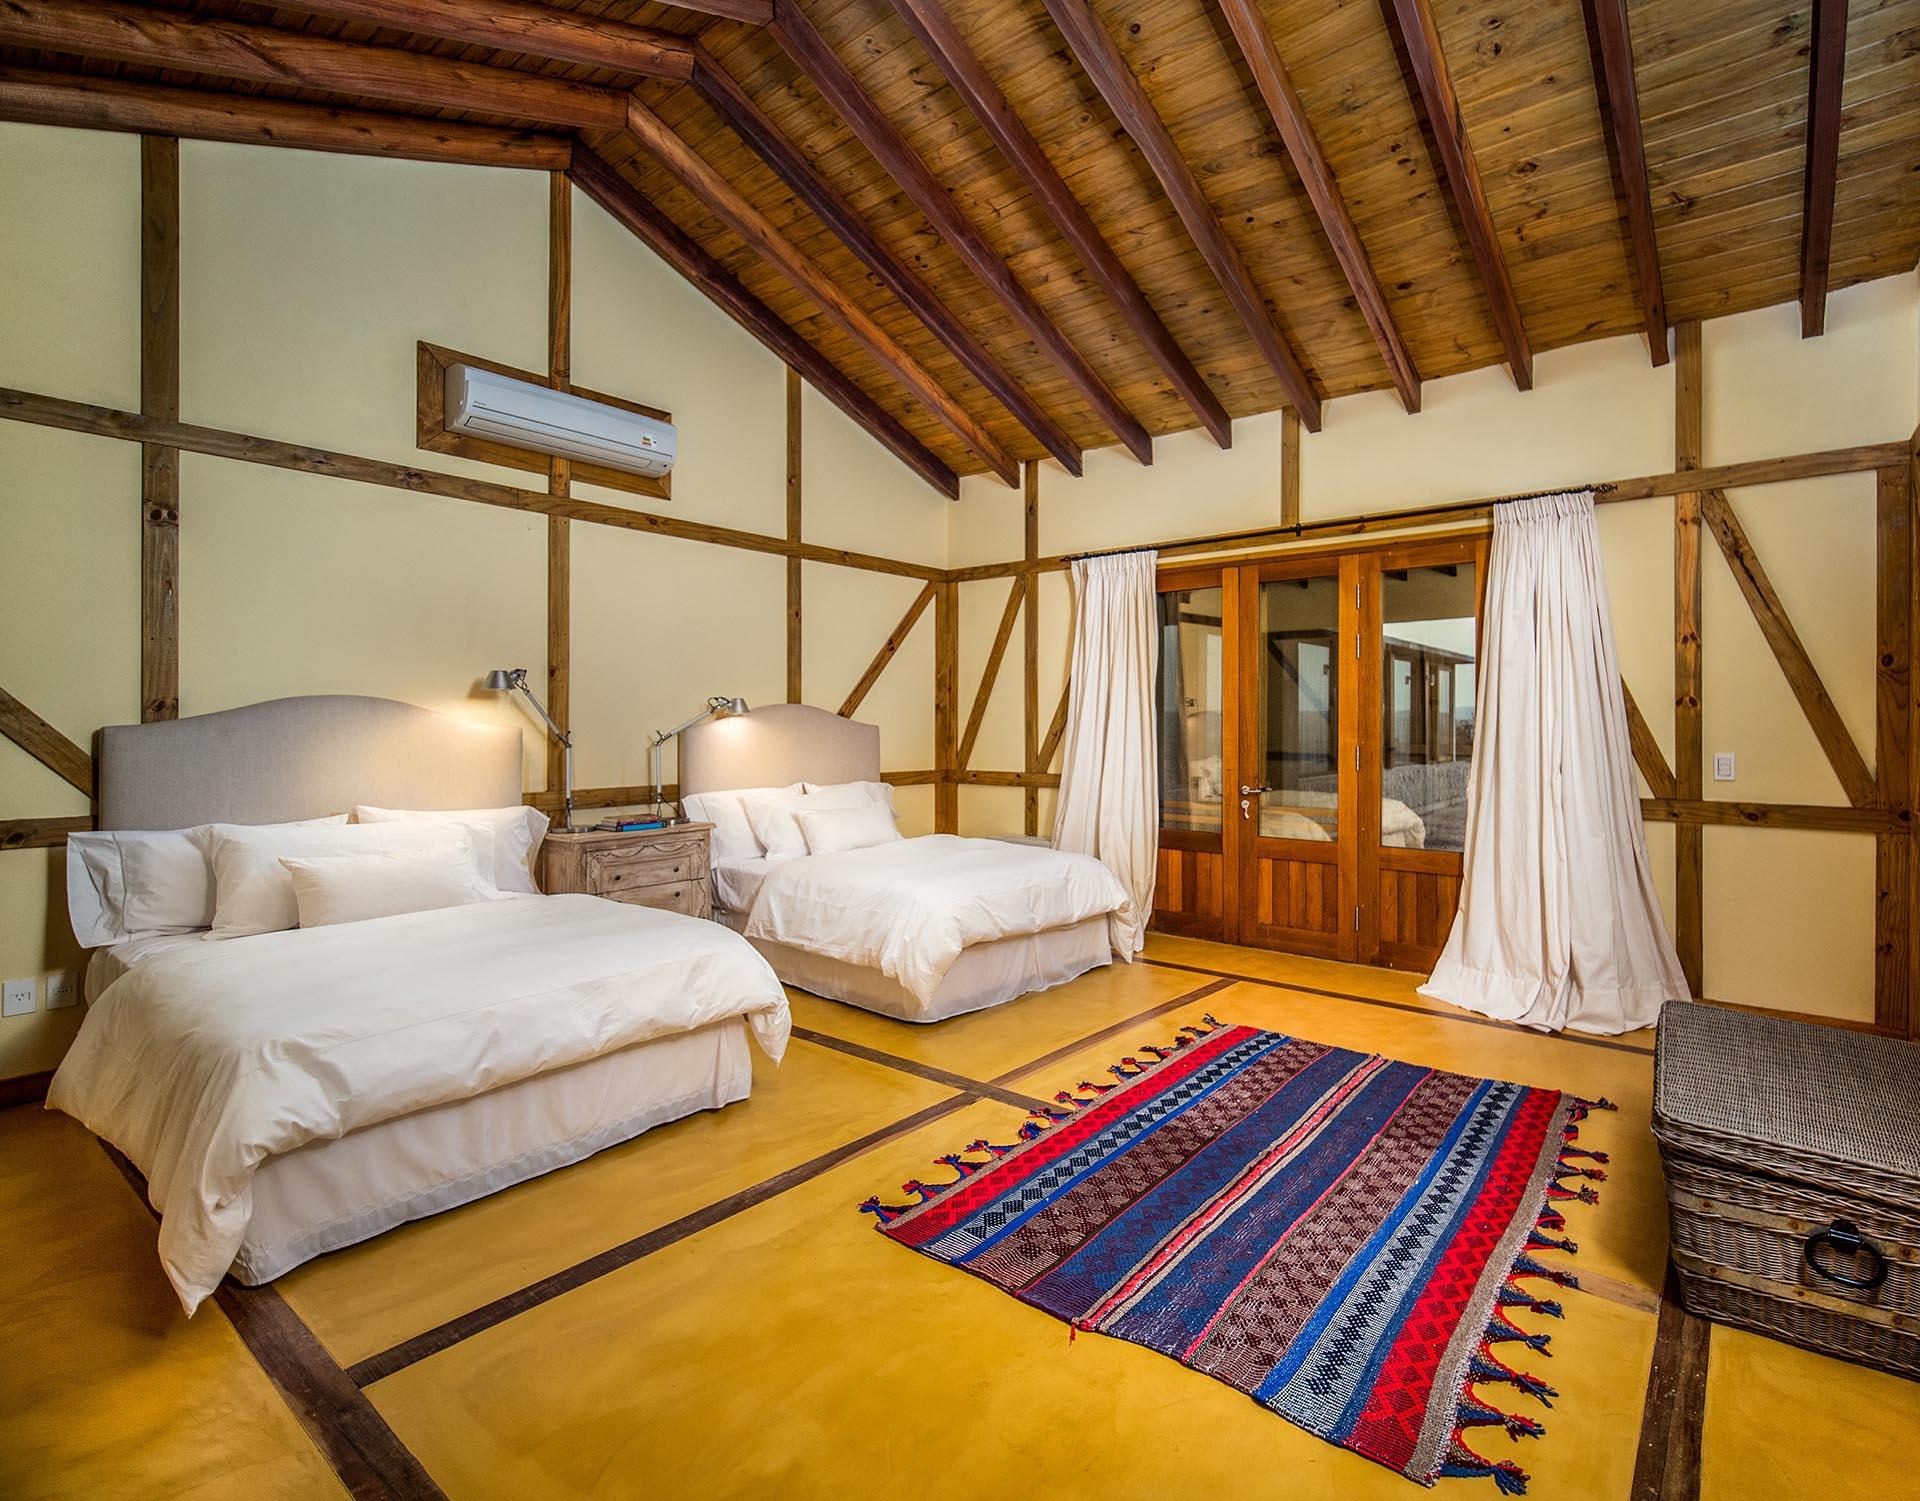 Hay cinco habitaciones, cinco baños y uno de visitas, con una gran terraza que se suma a la comodidad del hogar